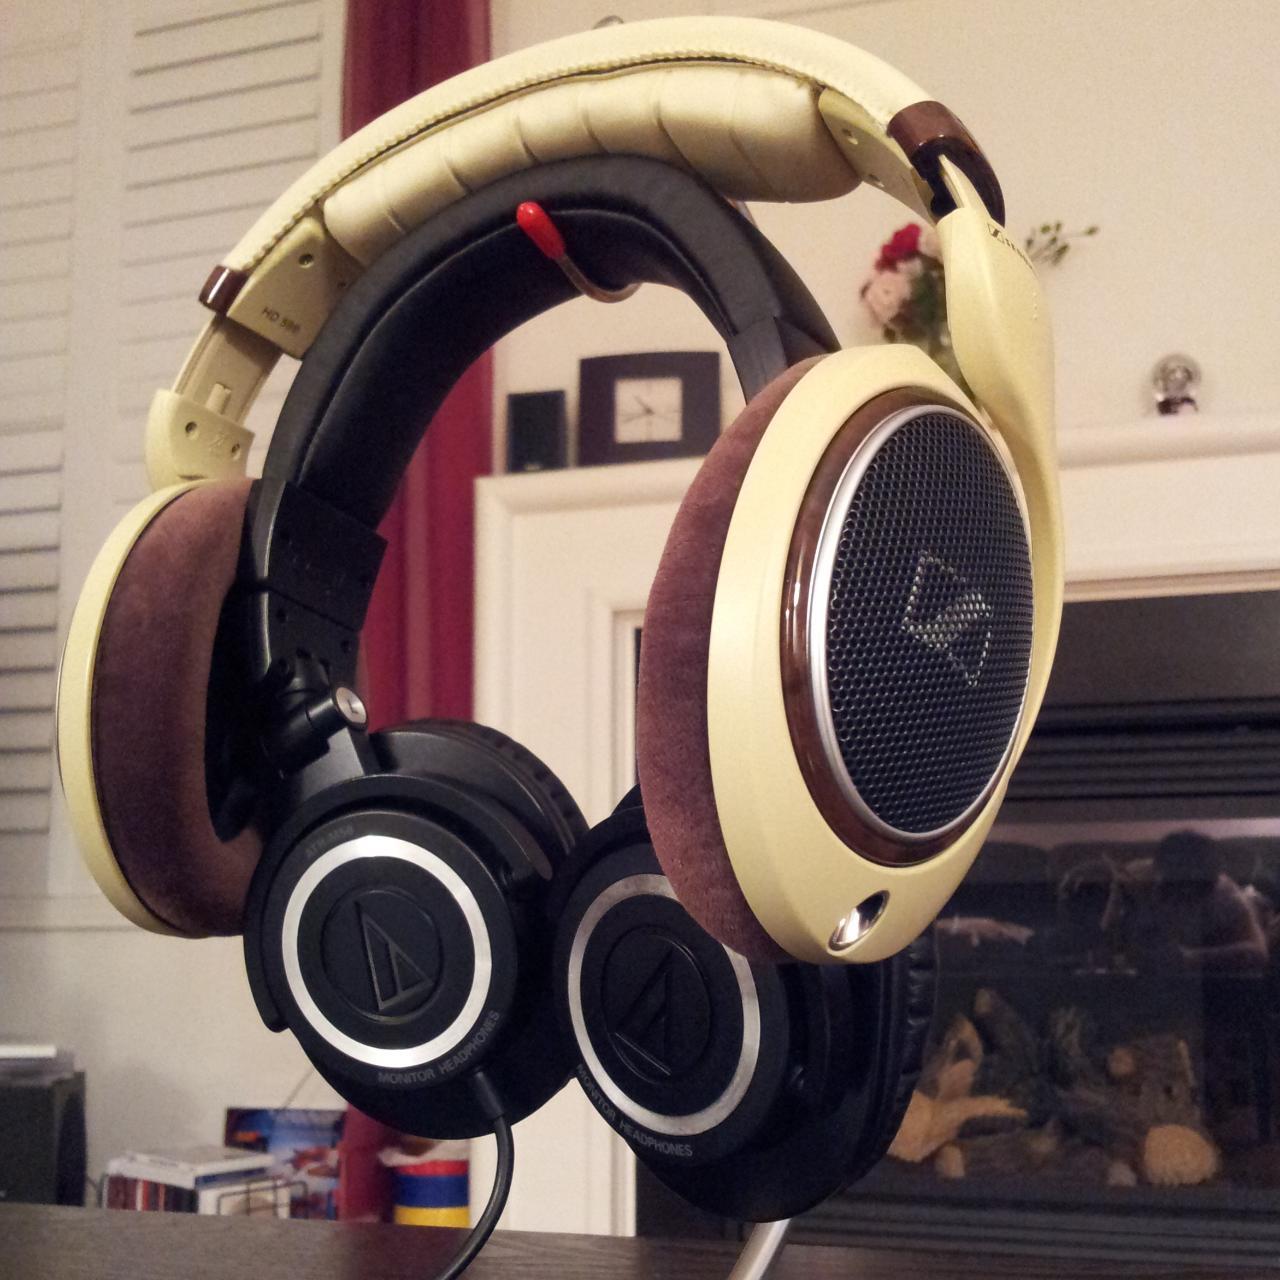 My headphones.